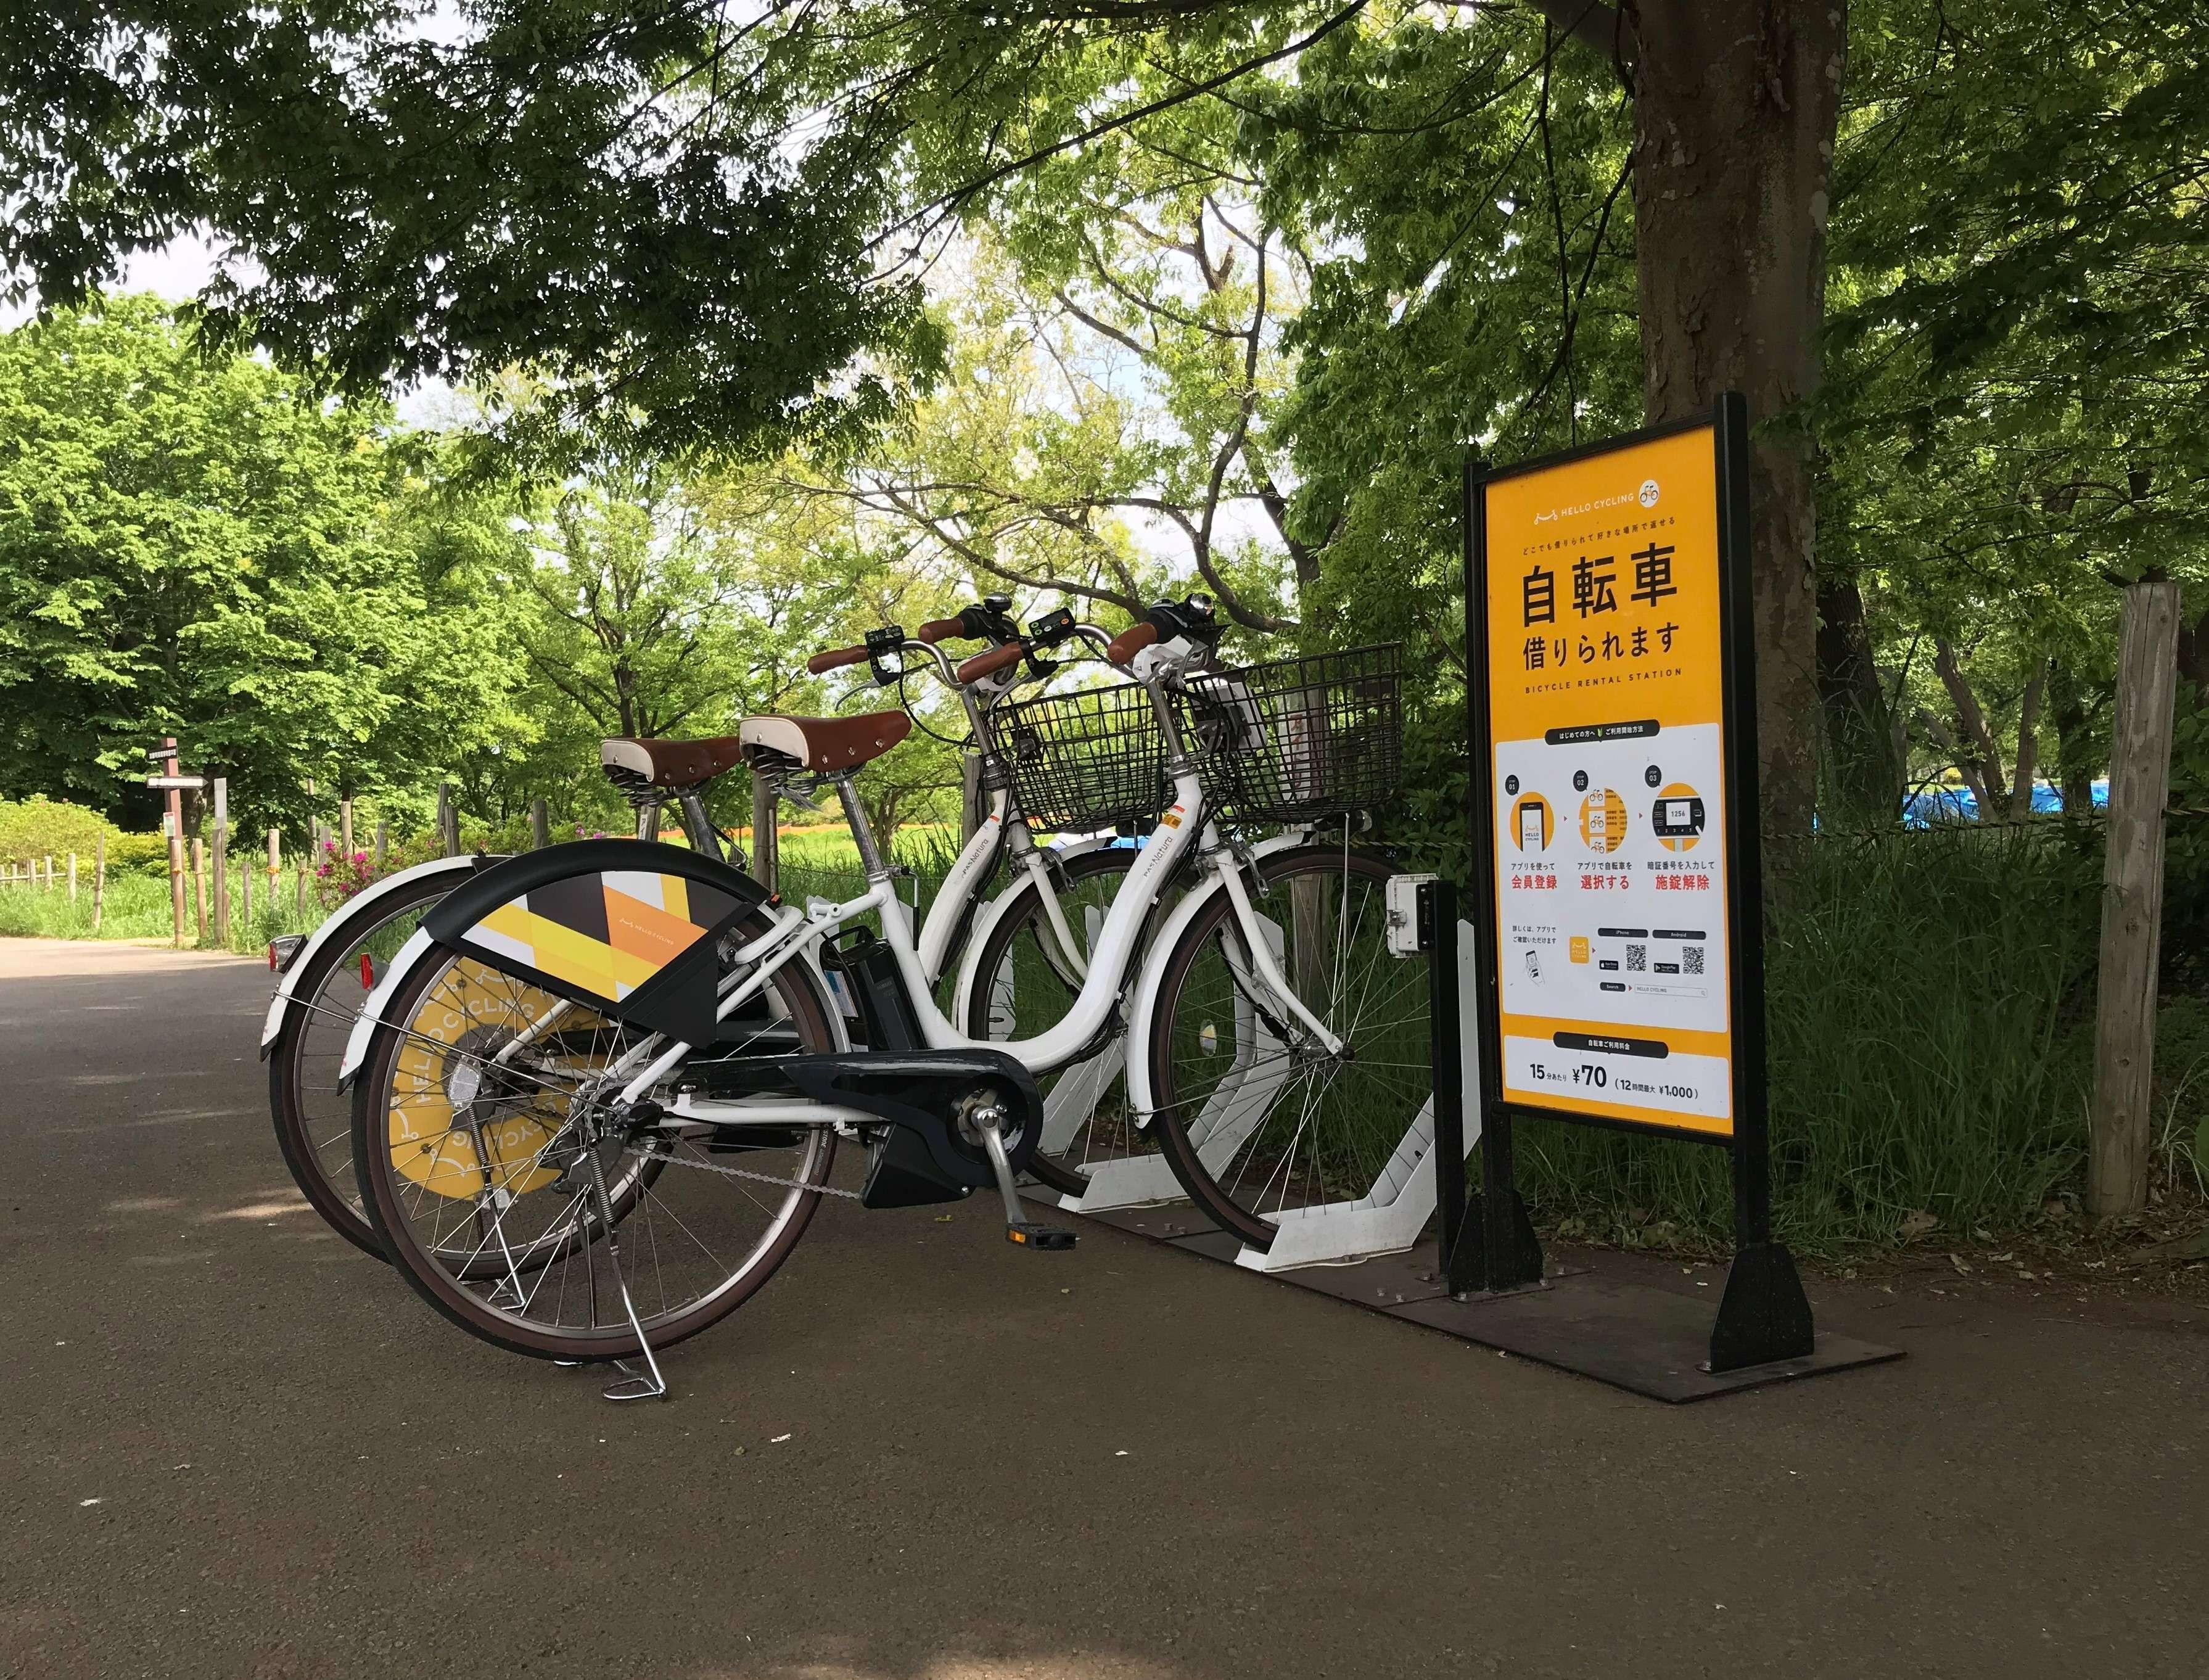 加曽利貝塚縄文遺跡公園 (HELLO CYCLING ポート) image